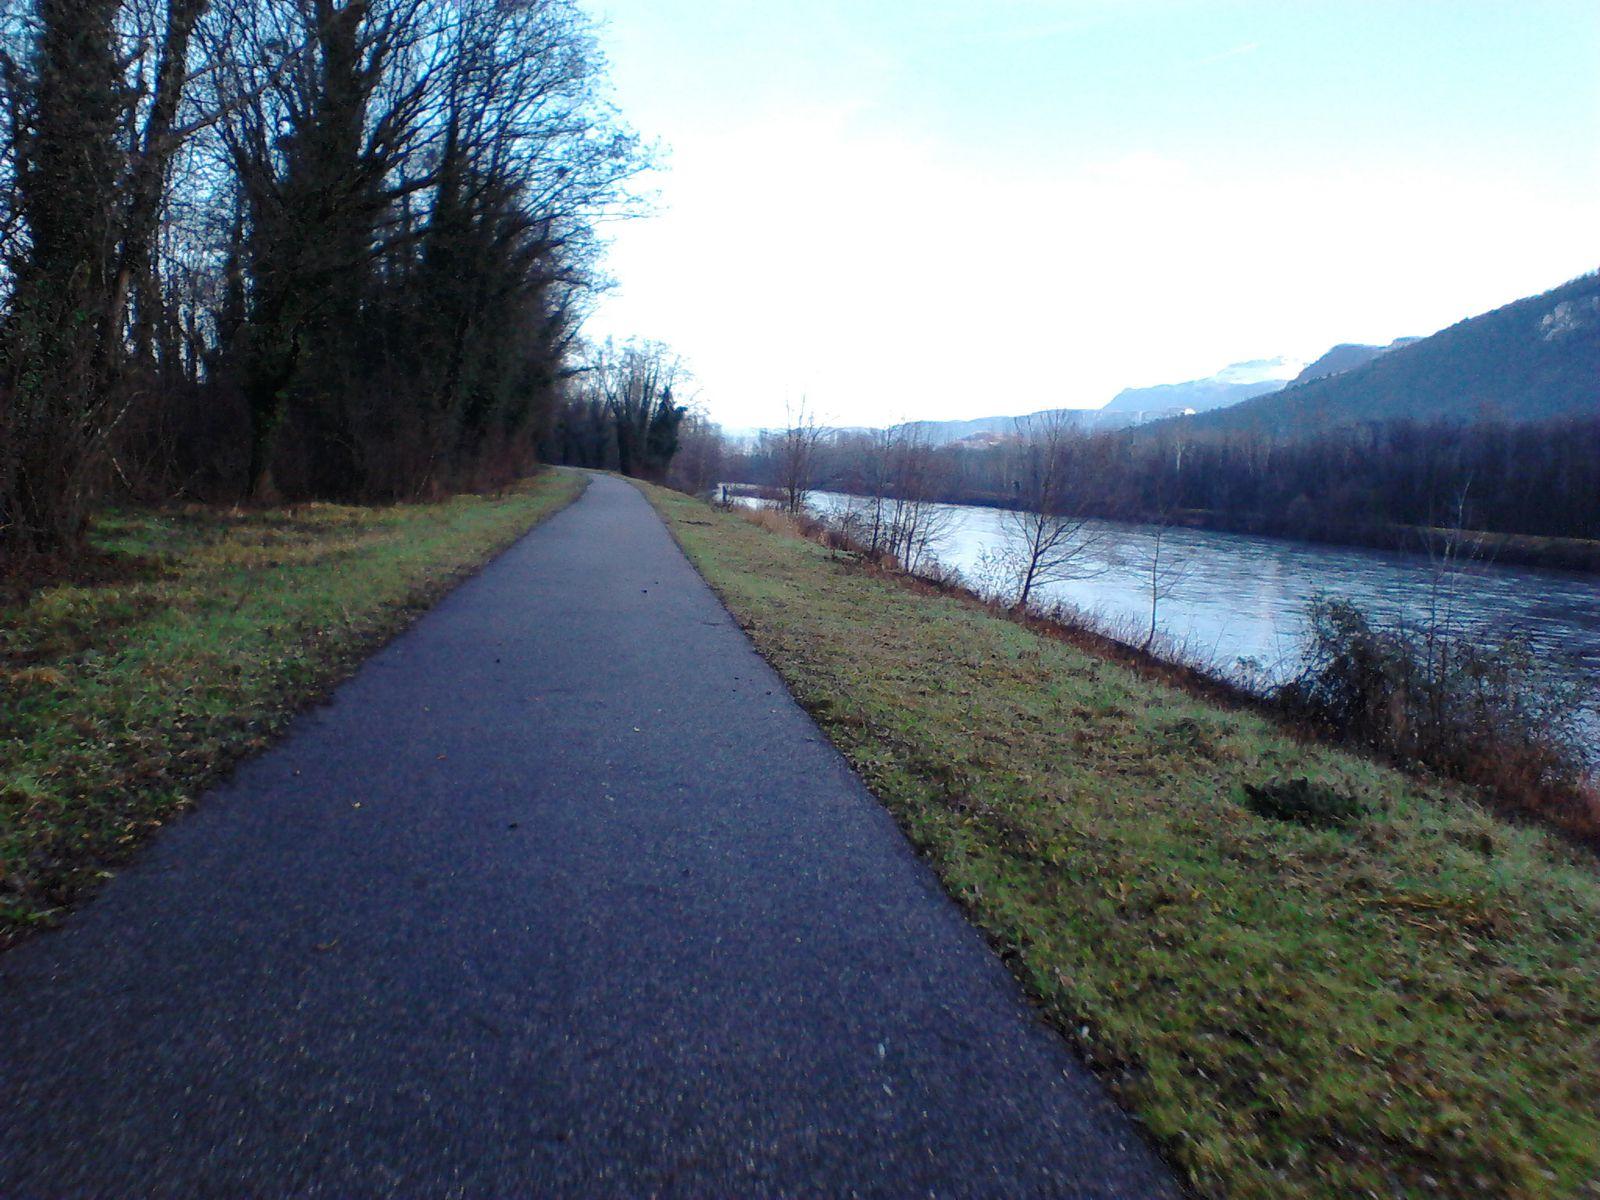 je quitte la national pour quelques km de piste cyclable,j'ai l'autotoute à ma gauche et l'isère à ma droite.